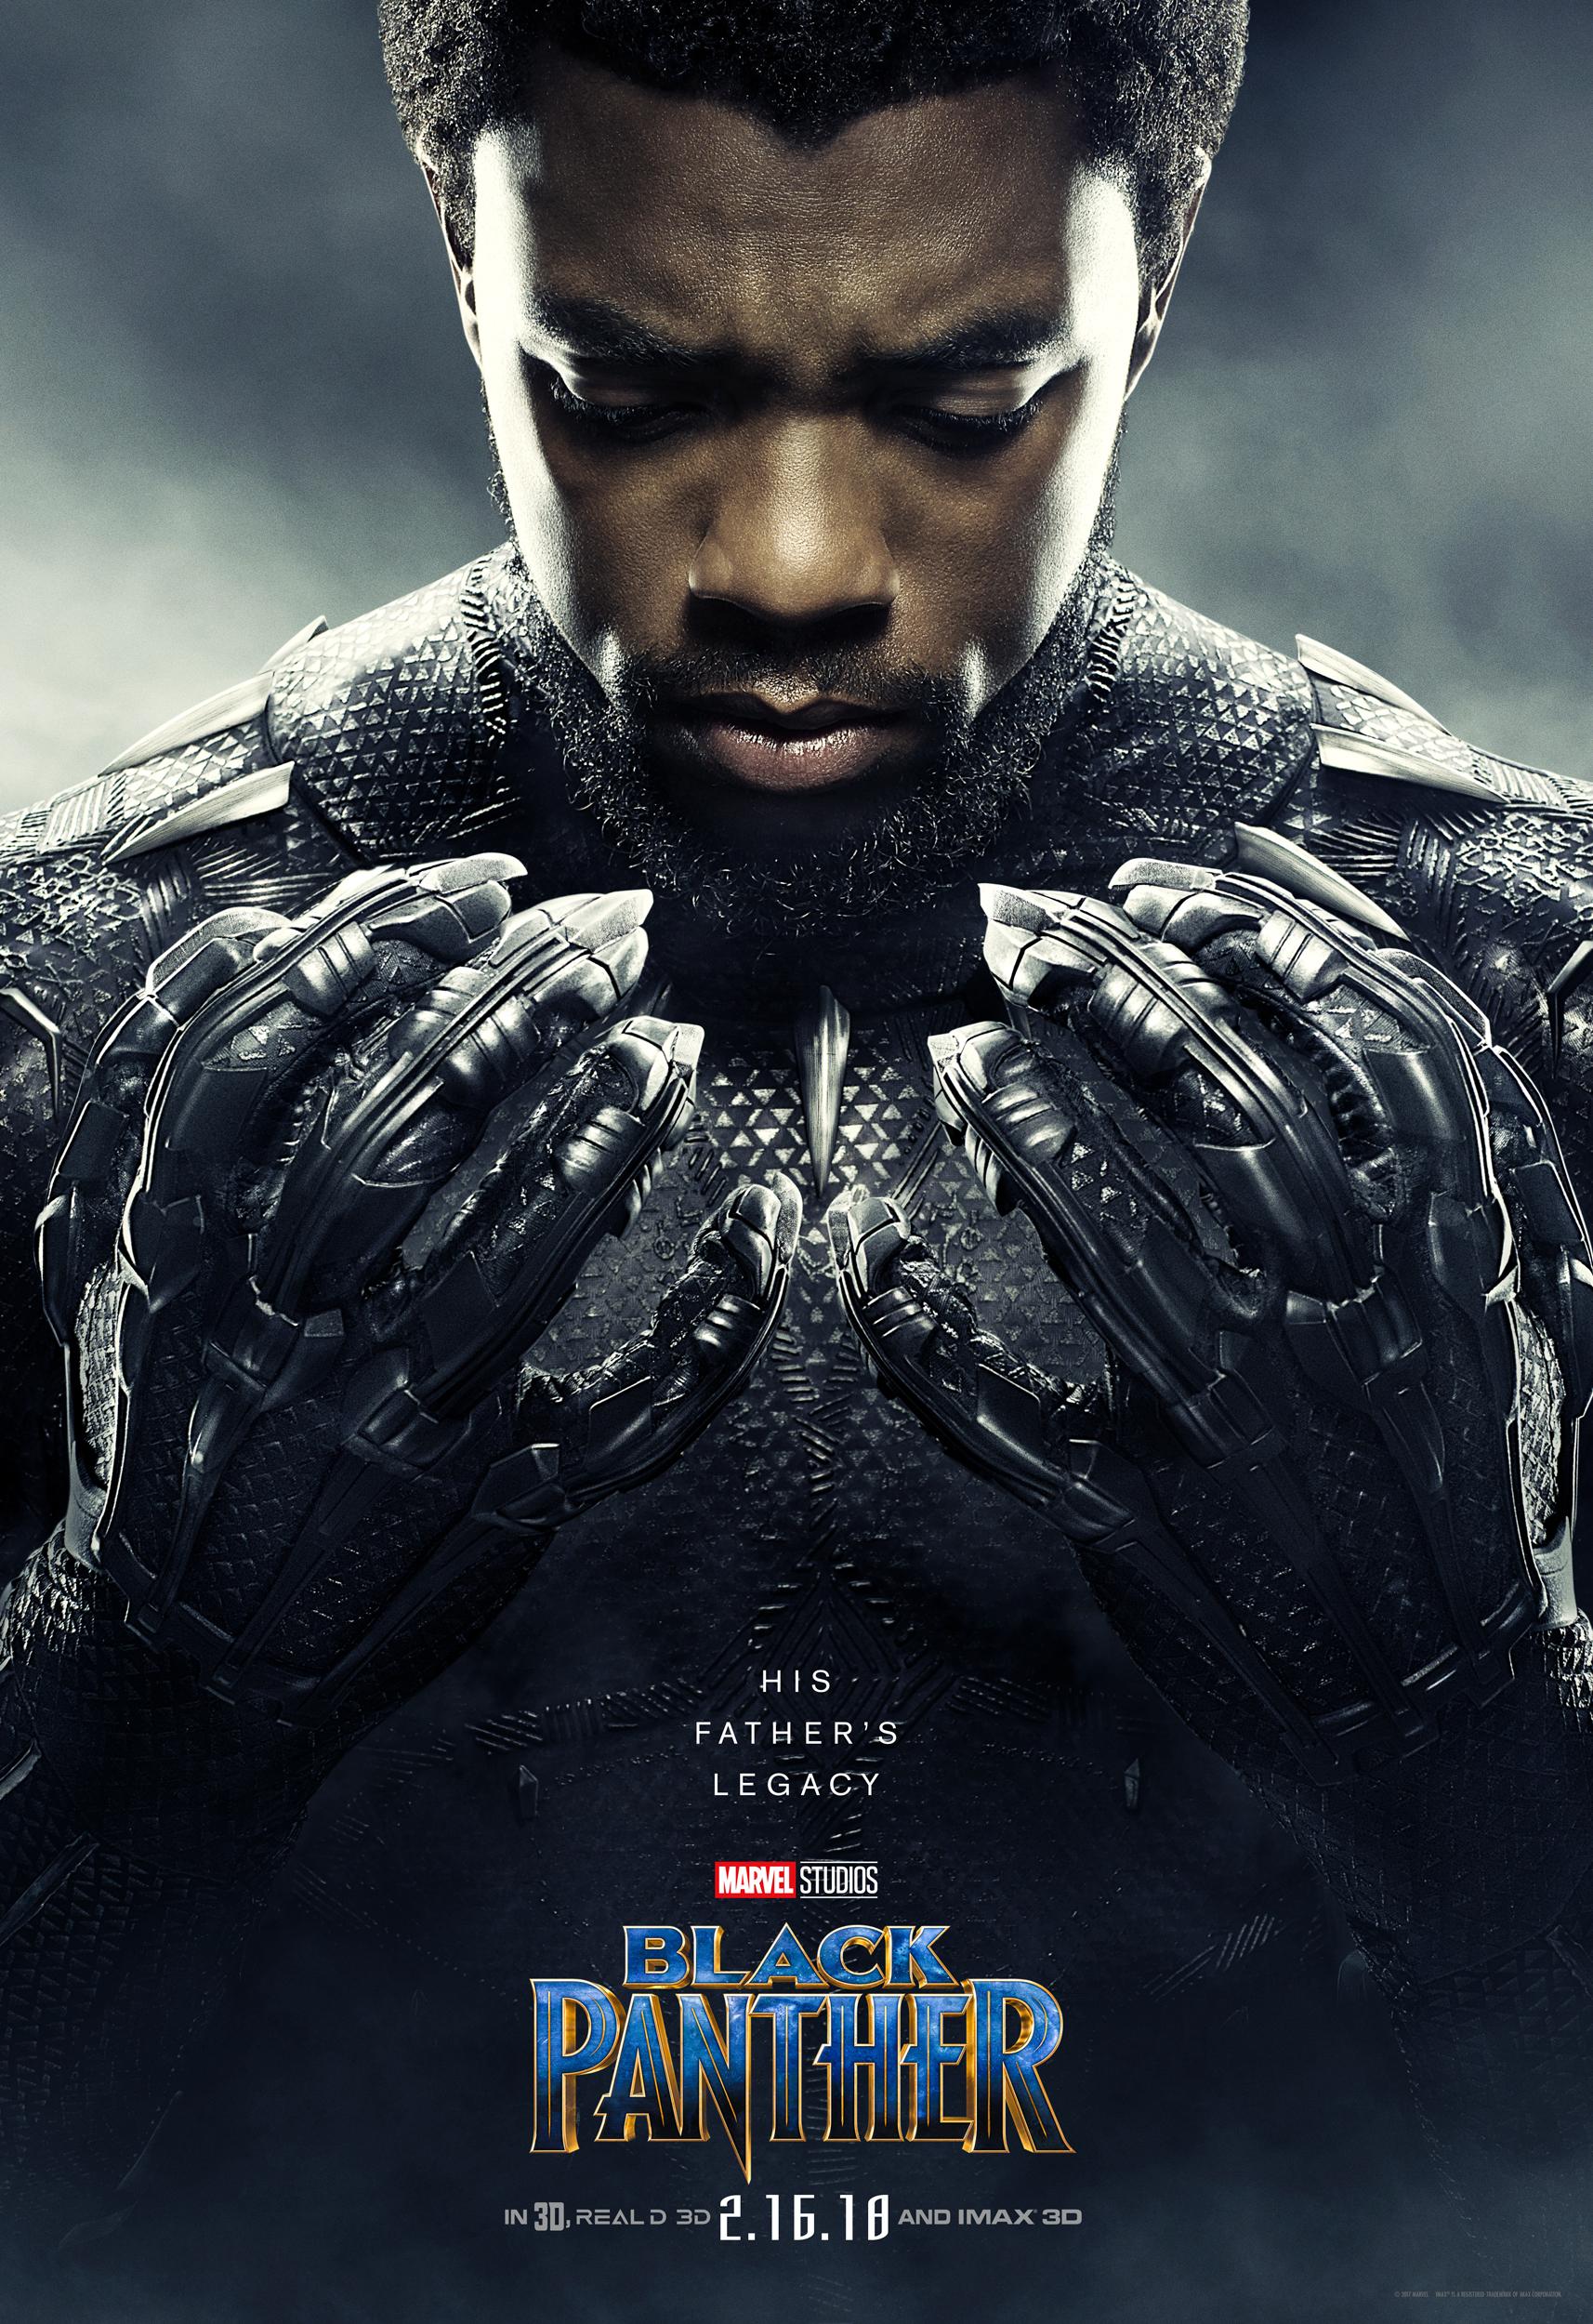 Kendrick Lamar cura la soundtrack del film Black Panther | Collater.al